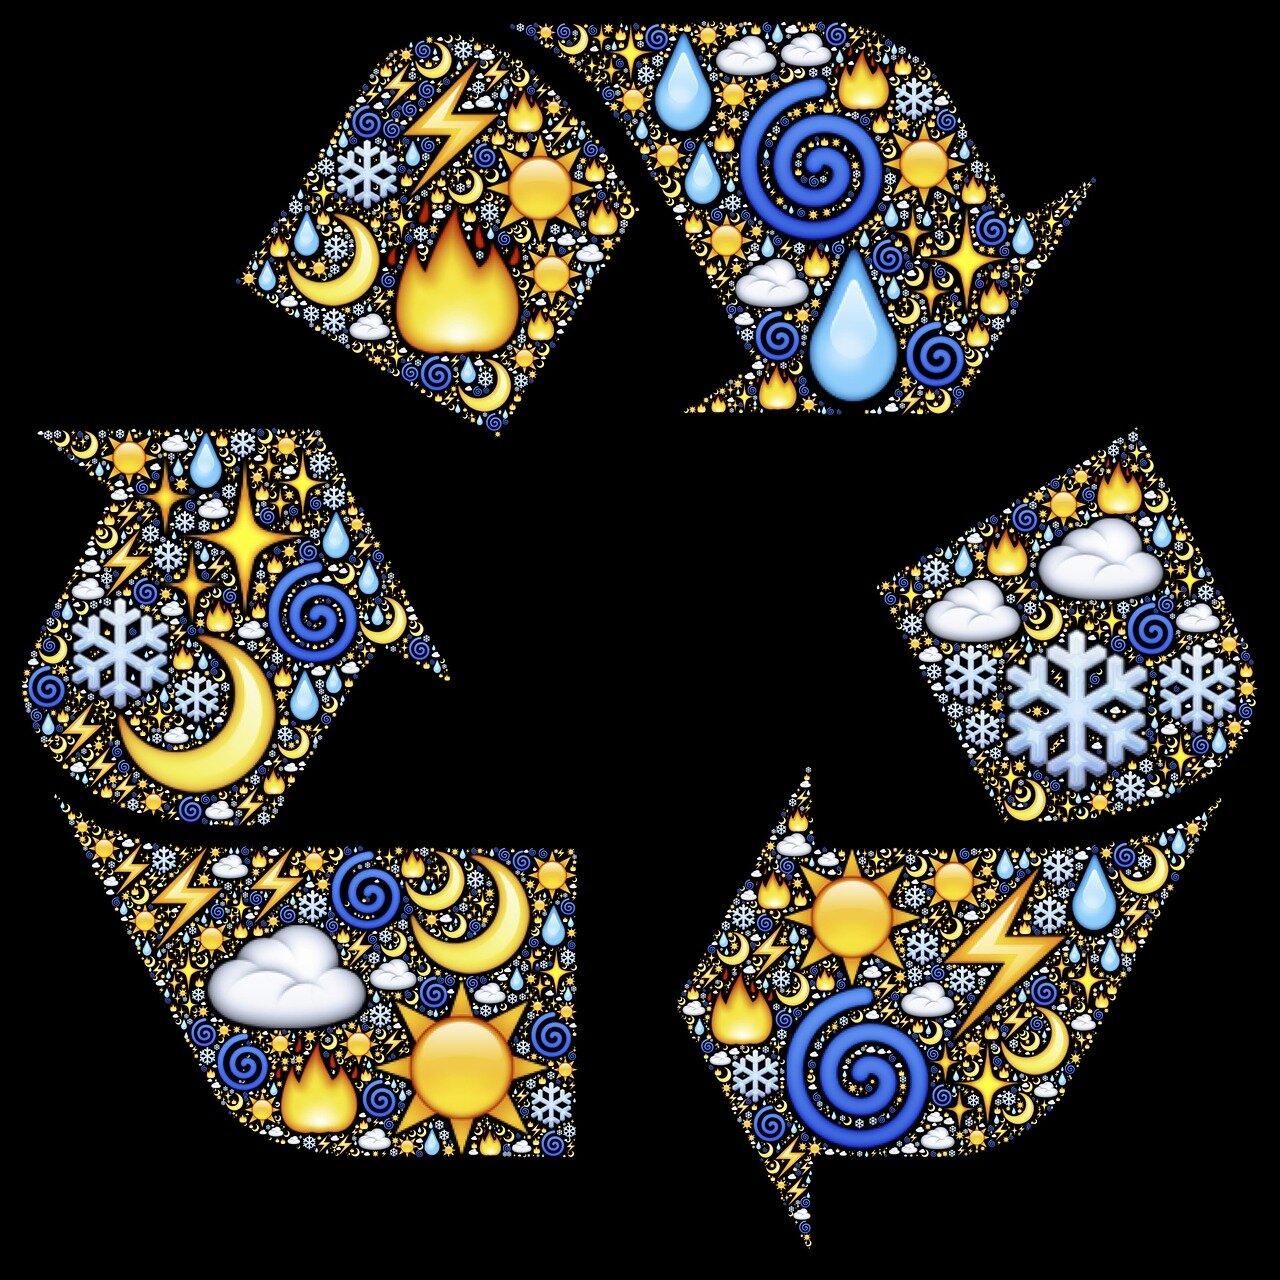 Proces wytłaczania – wytłaczarki dwuślimakowe. Etapy recyklingu